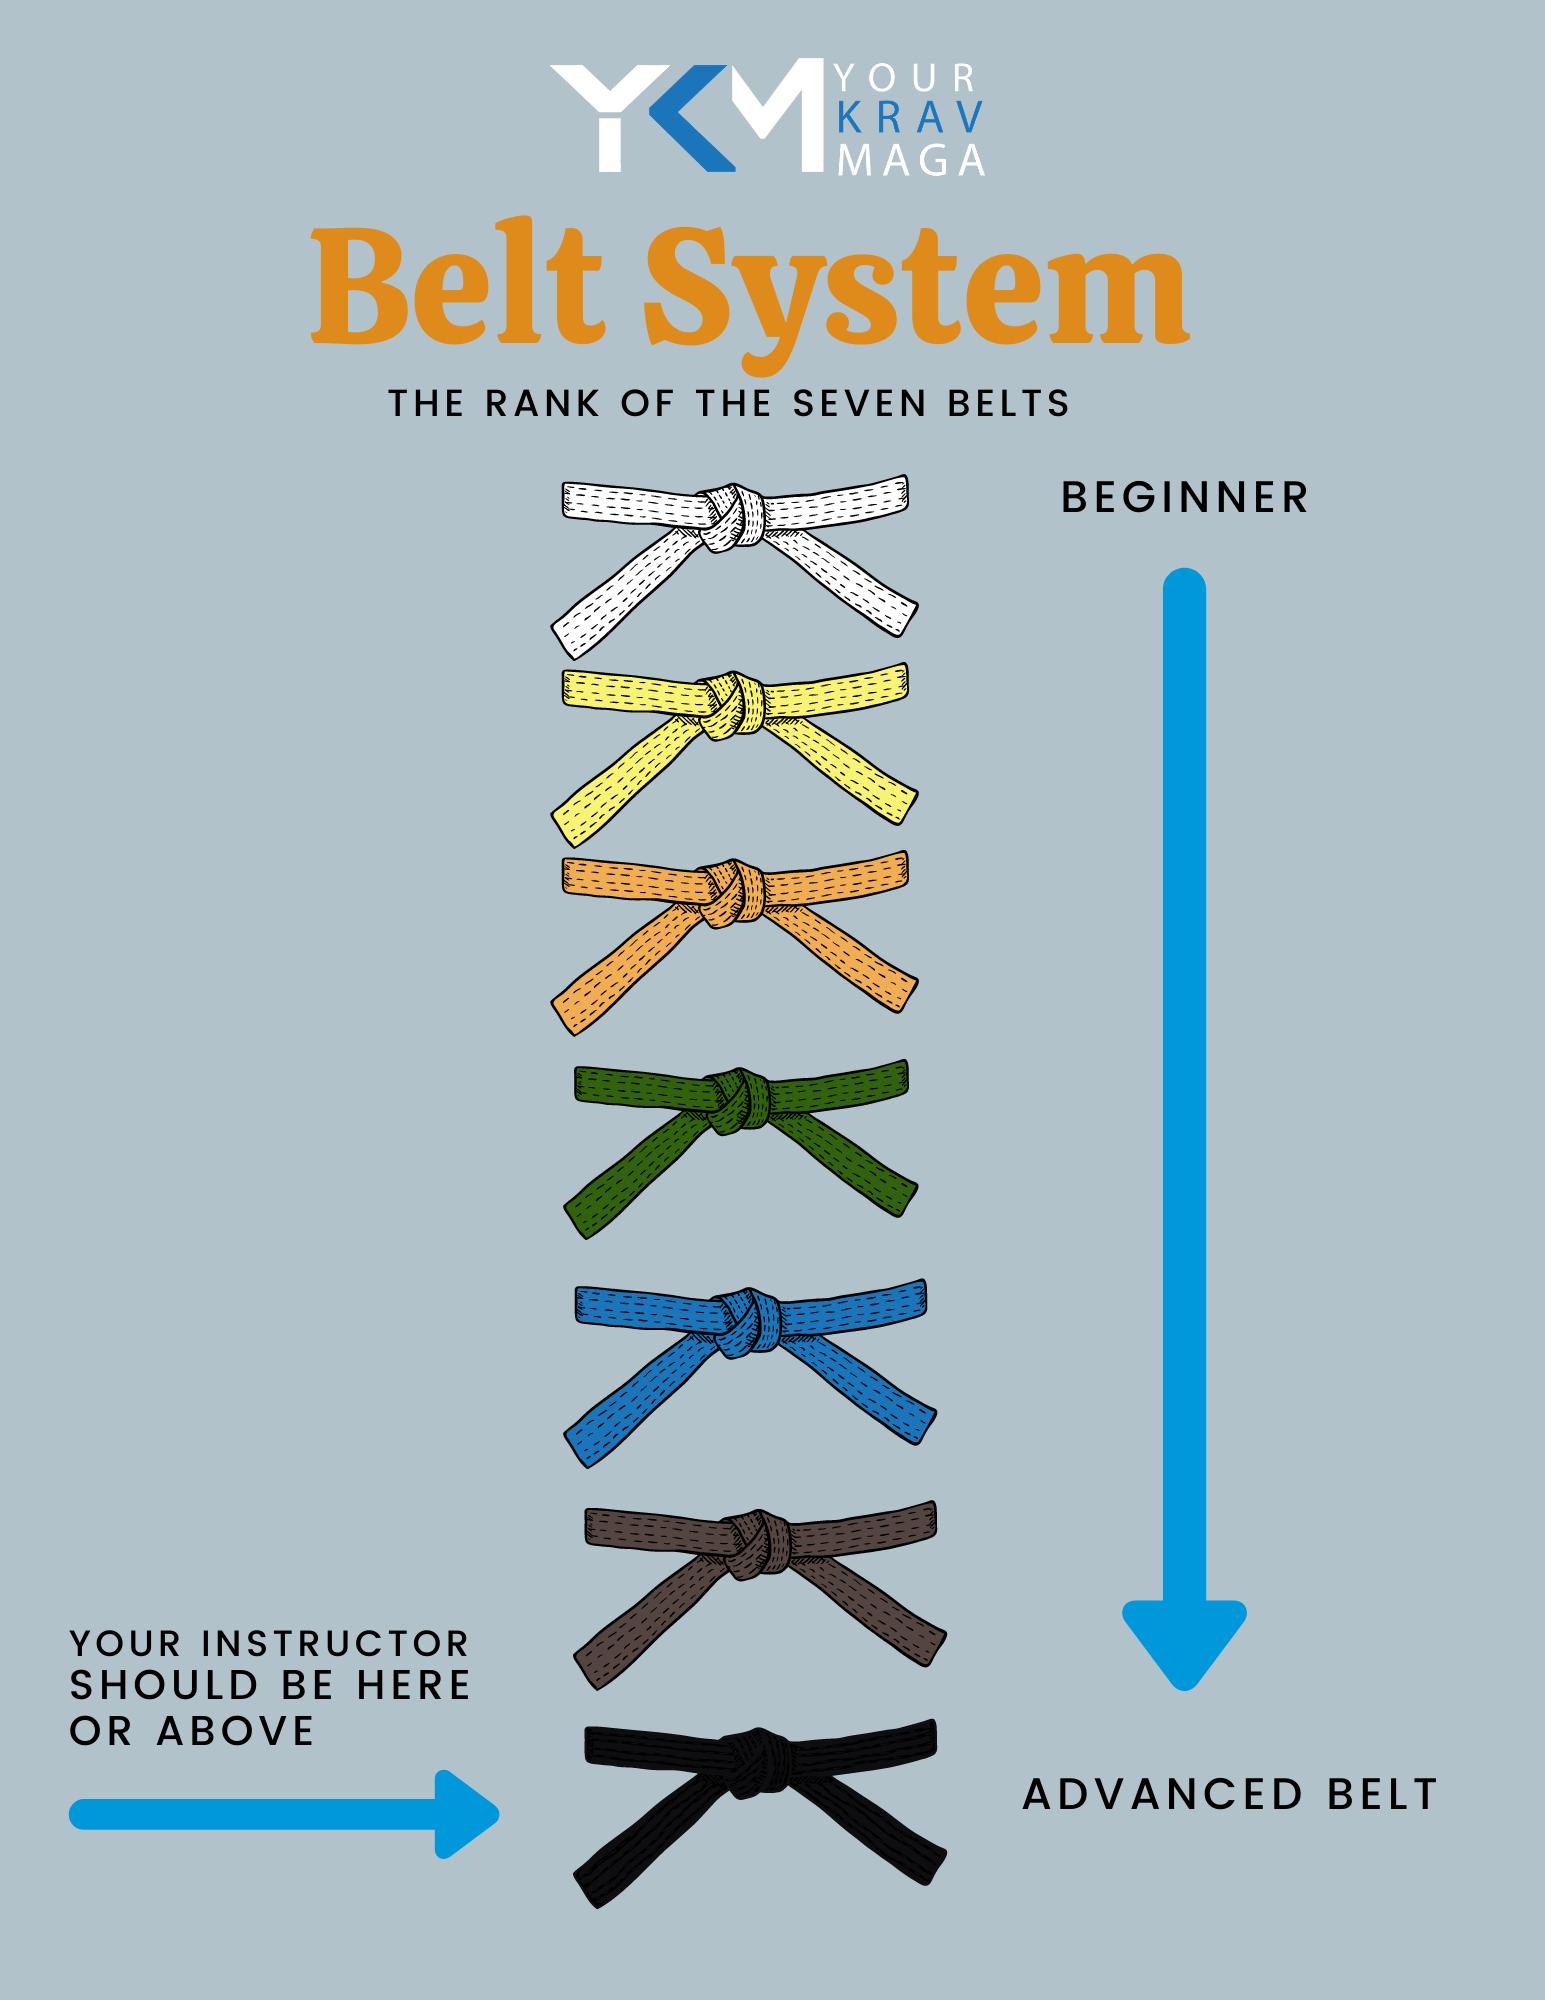 Krav Maga Instructor Belts